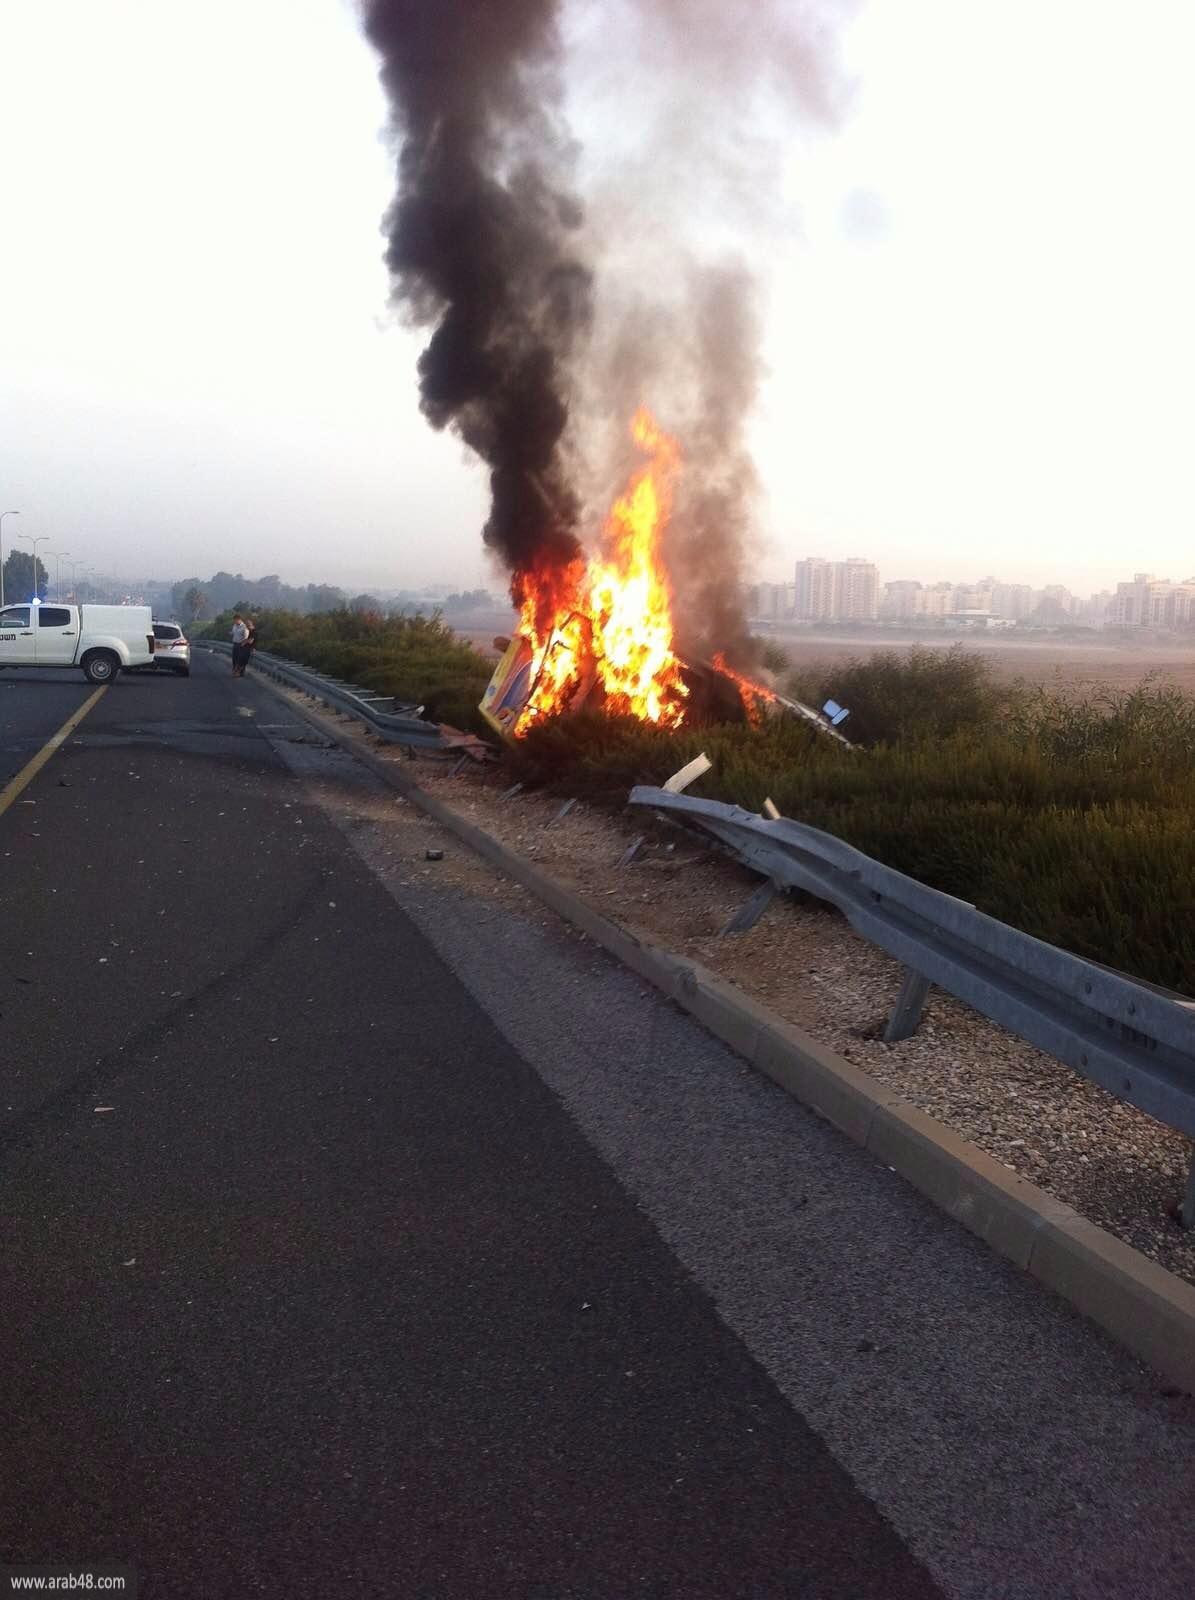 ألسنة النيران تلتهم سيارة على شارع الساحل